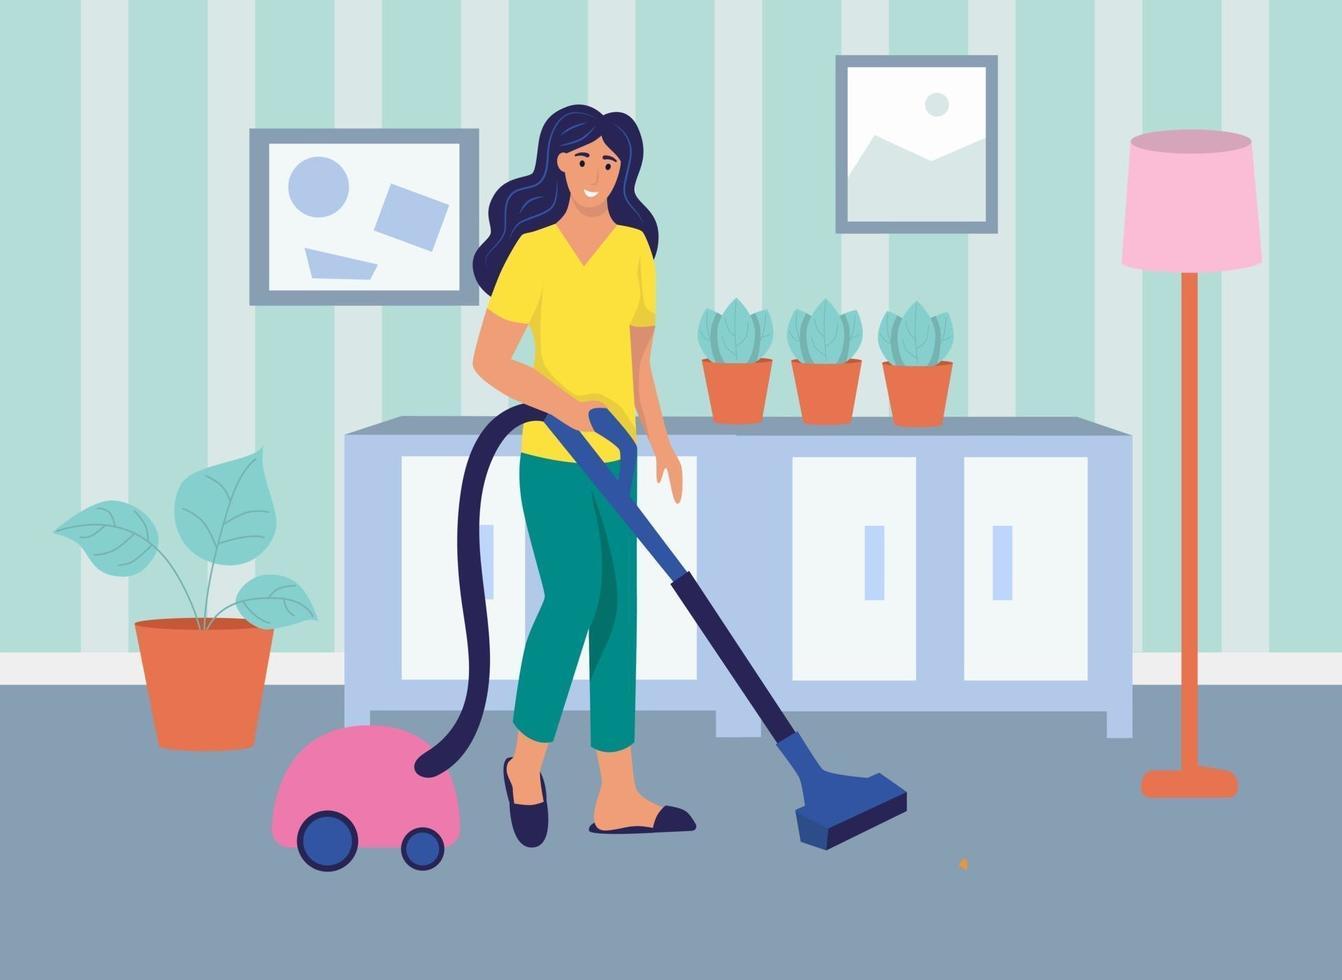 una giovane donna aspira la casa. il concetto di vita quotidiana, tempo libero quotidiano e attività lavorative. illustrazione vettoriale di cartone animato piatto.